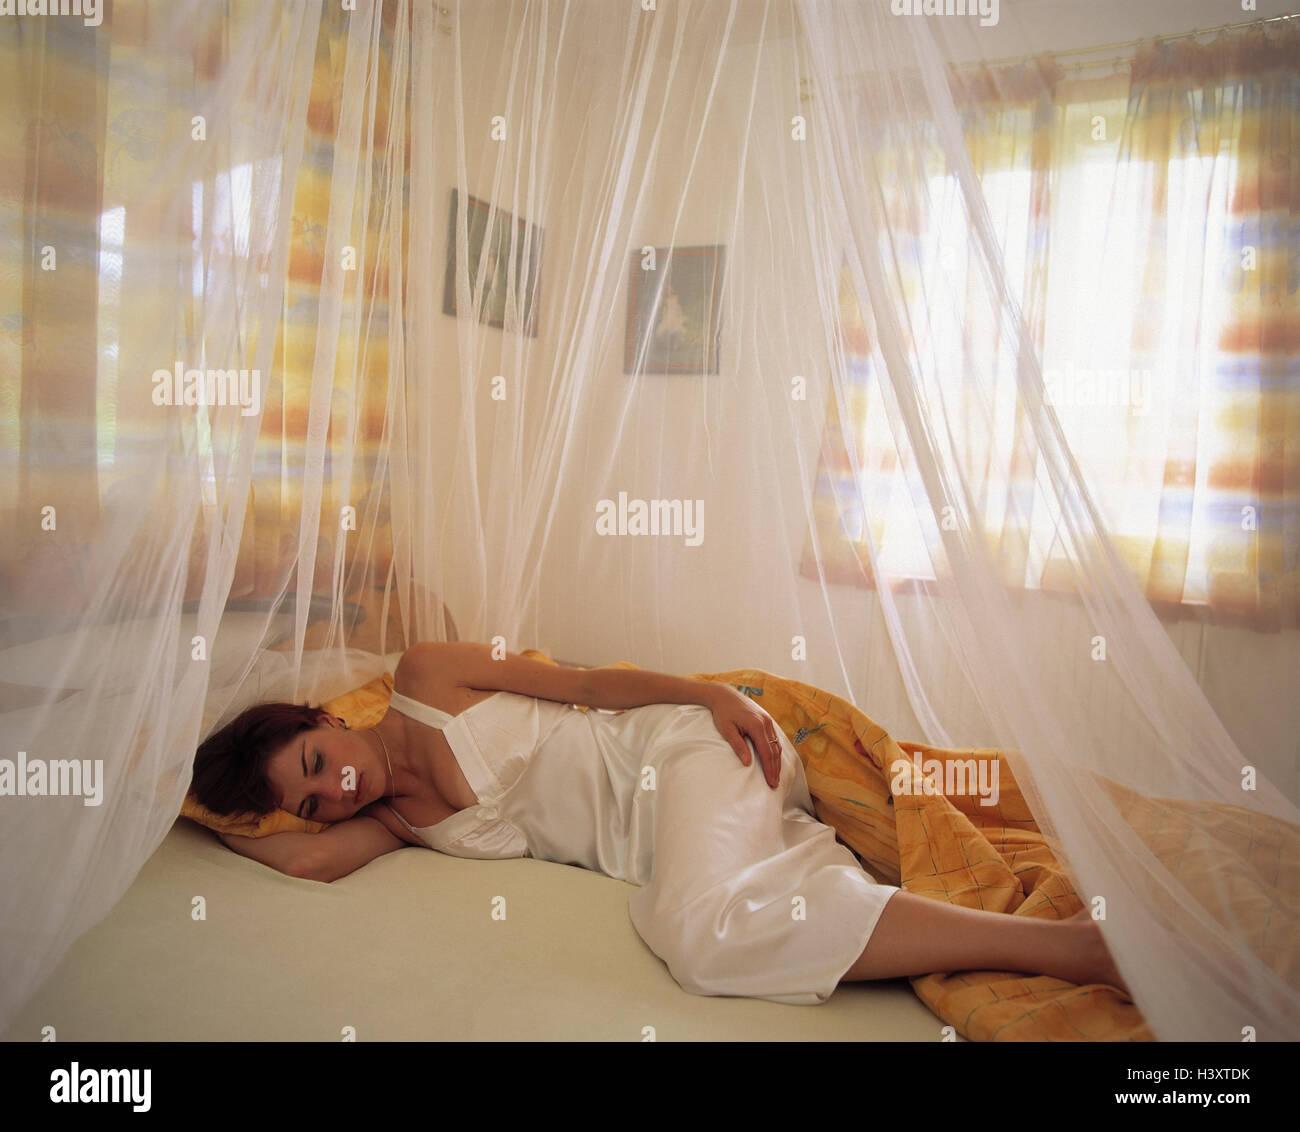 Frau, Bett, schlafen, Moskitonetz Schlafzimmer, jung, Lüge, Stachel-Moskito-Schutz, Netzwerk, Schutz, Mücken, Stockbild